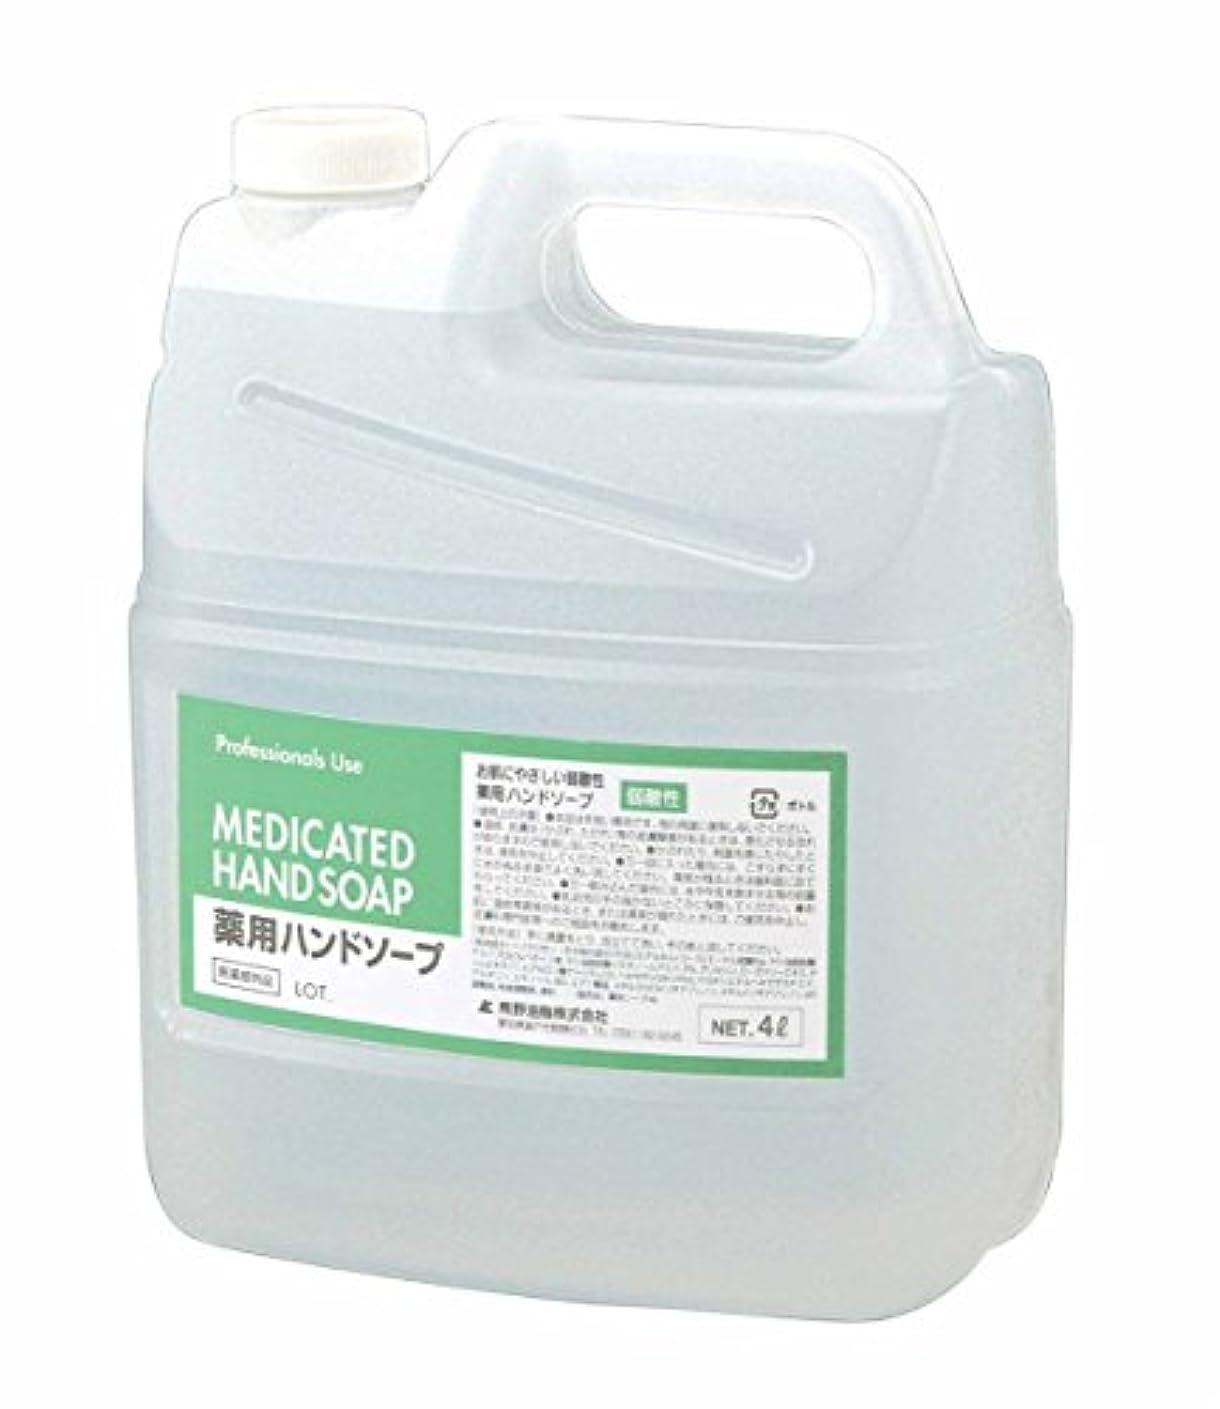 傾く溶けた抑圧者ファーマアクト 弱酸性薬用ハンドソープ 4L